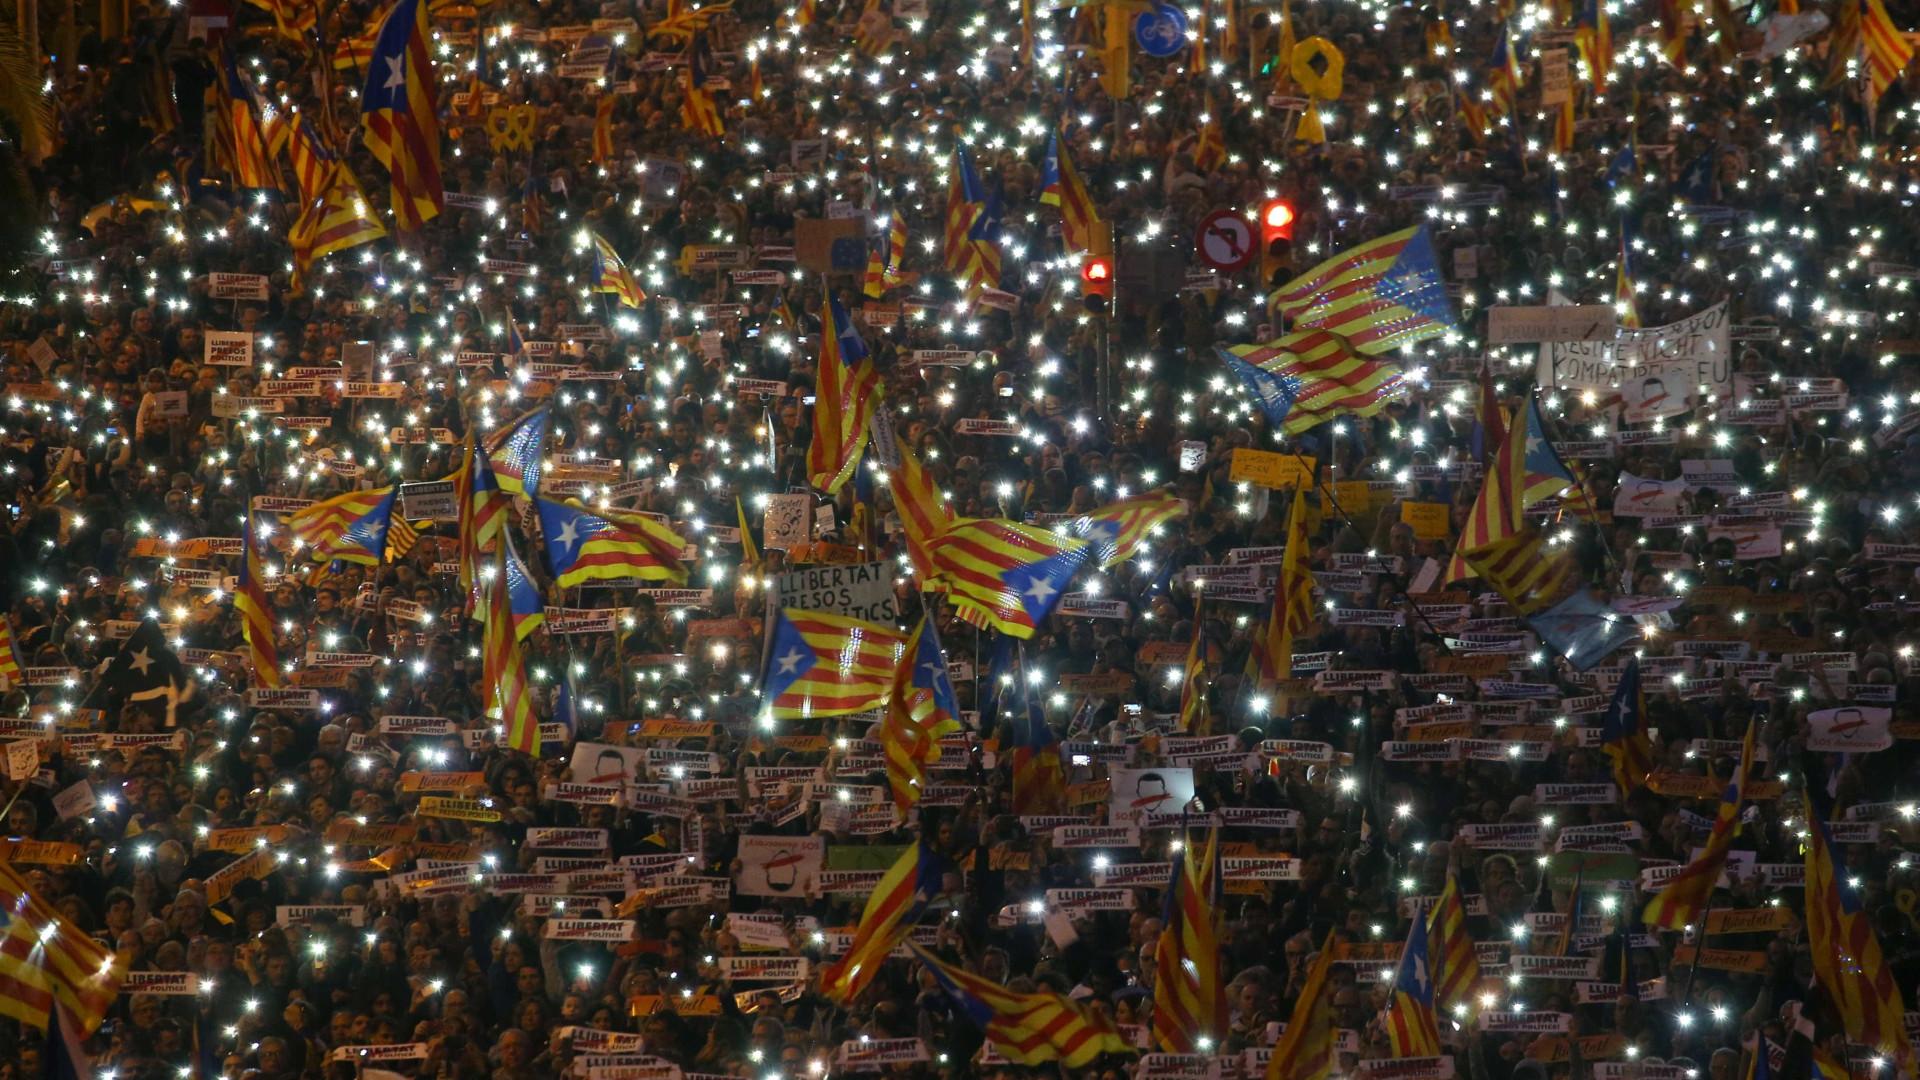 Em visita à Catalunha, premiê da Espanha pede a empresas que fiquem